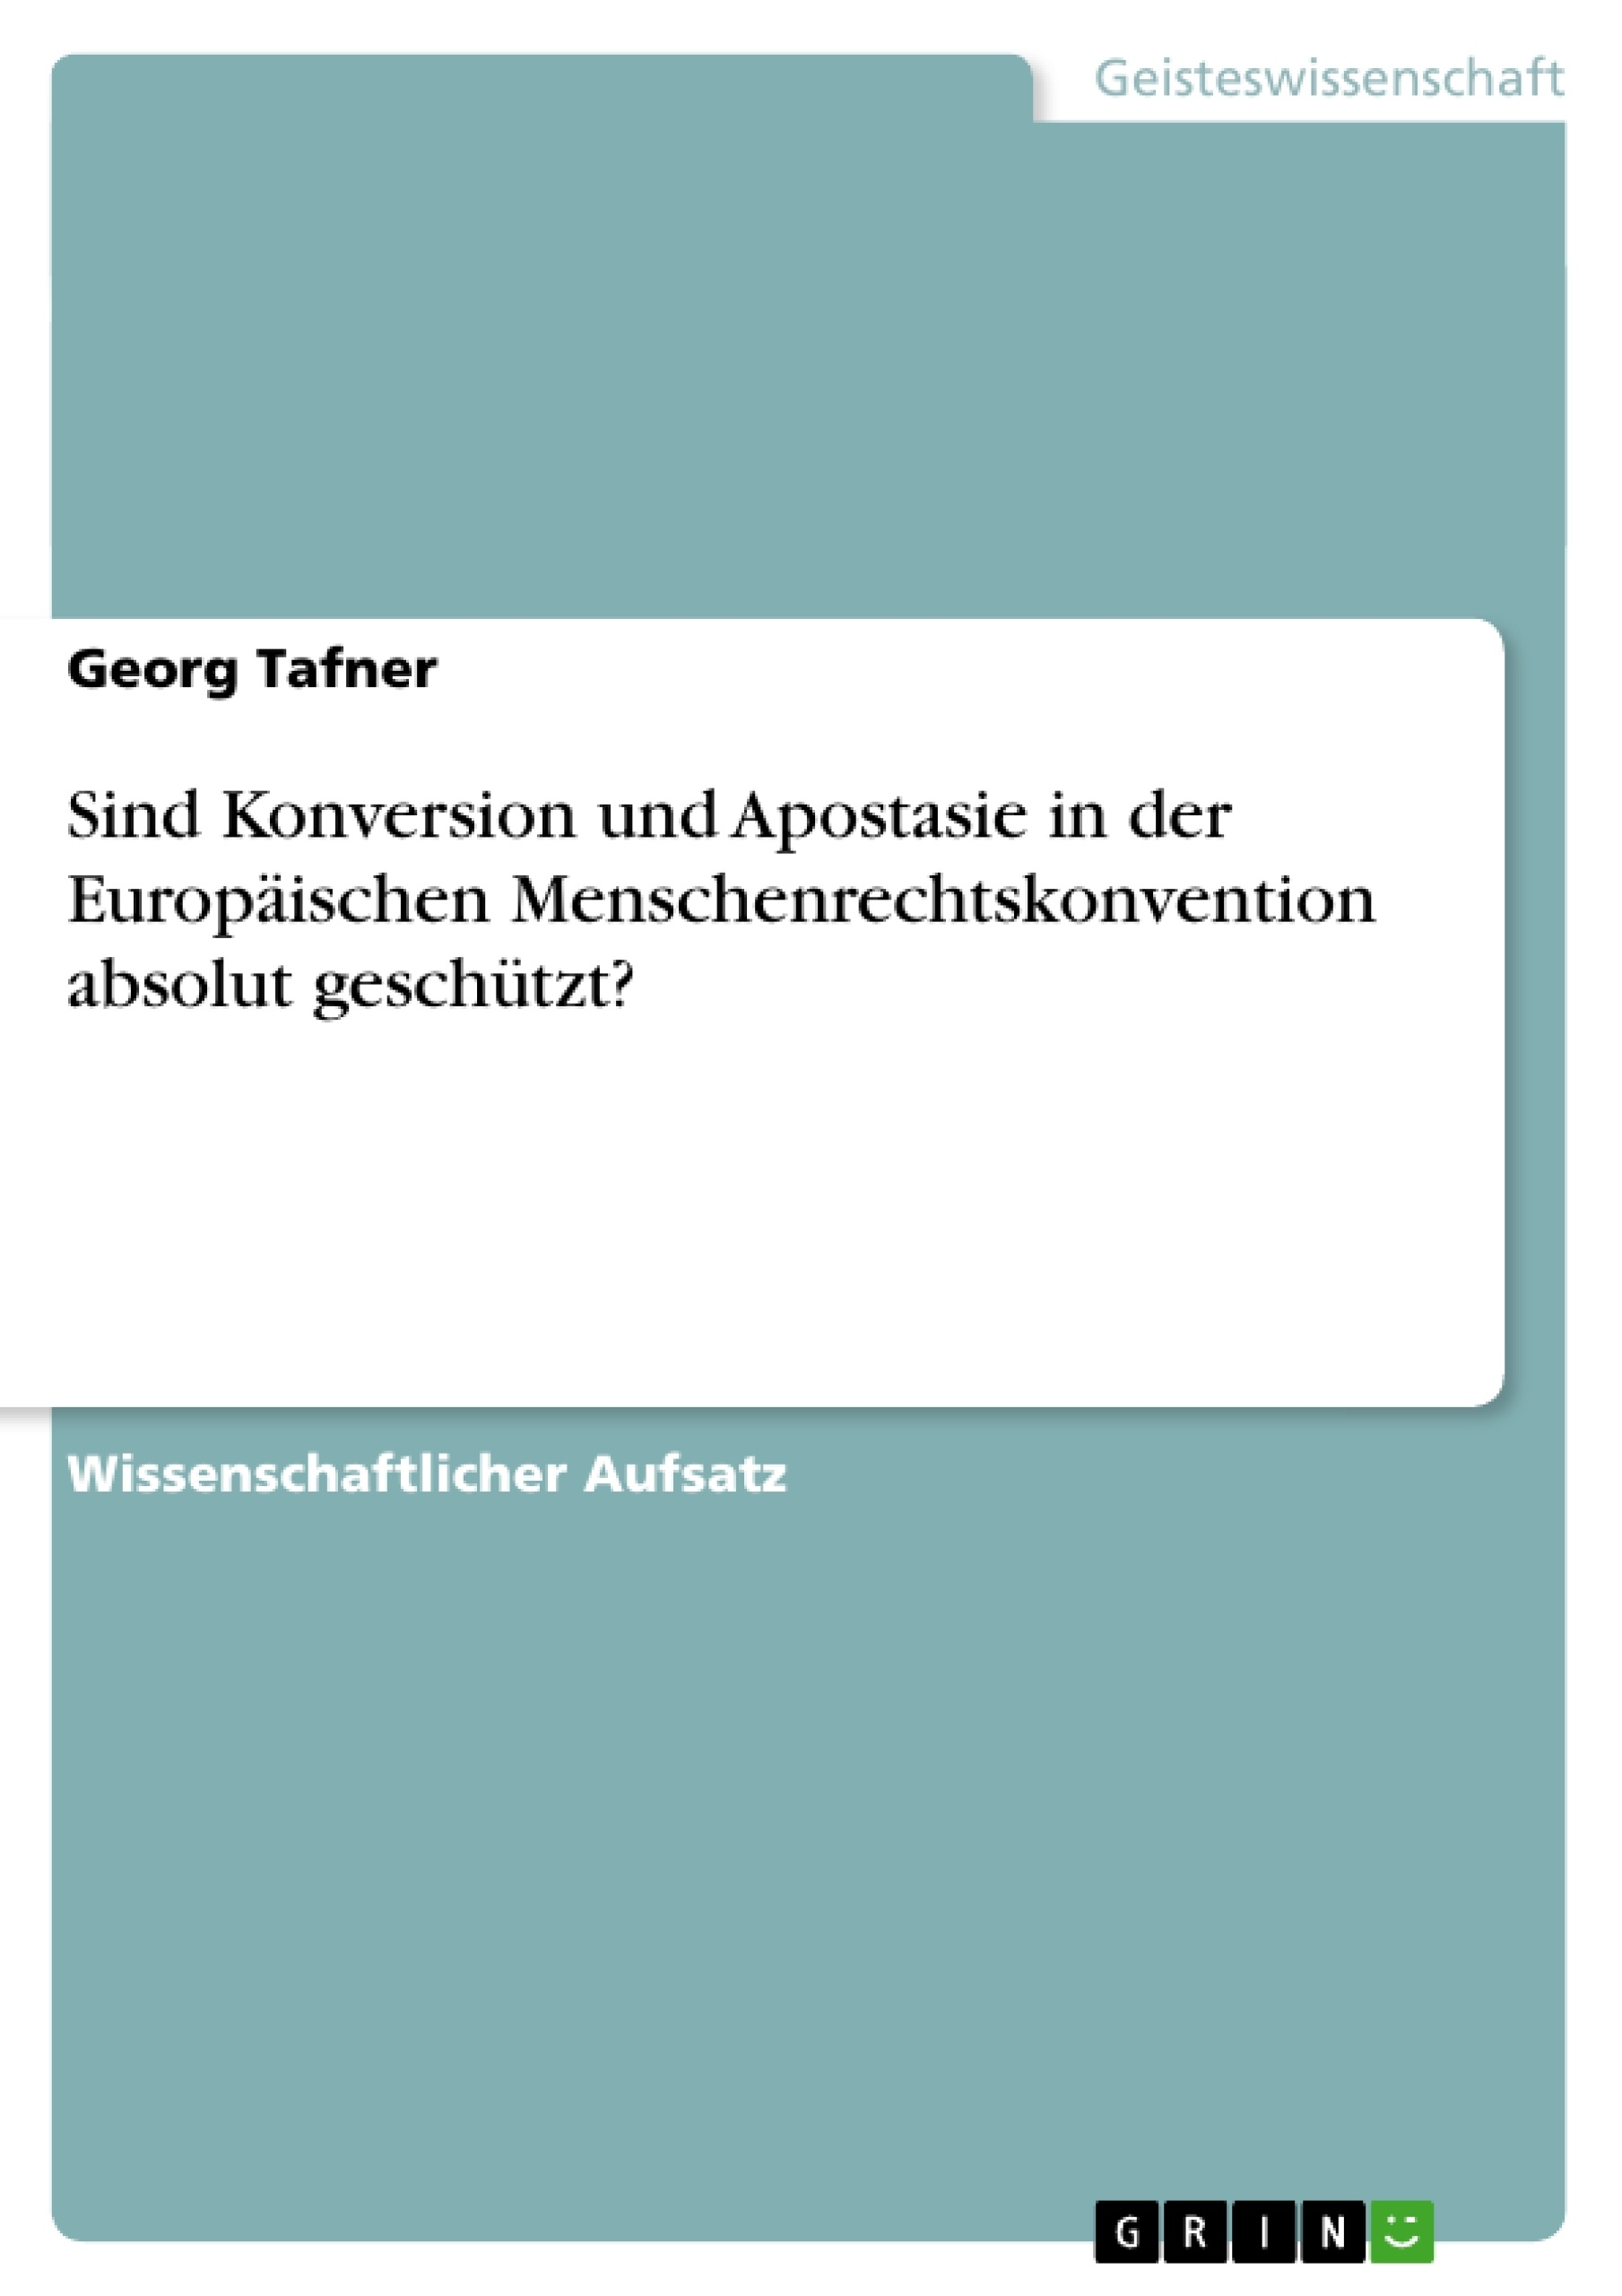 Titel: Sind Konversion und Apostasie in der Europäischen Menschenrechtskonvention absolut geschützt?